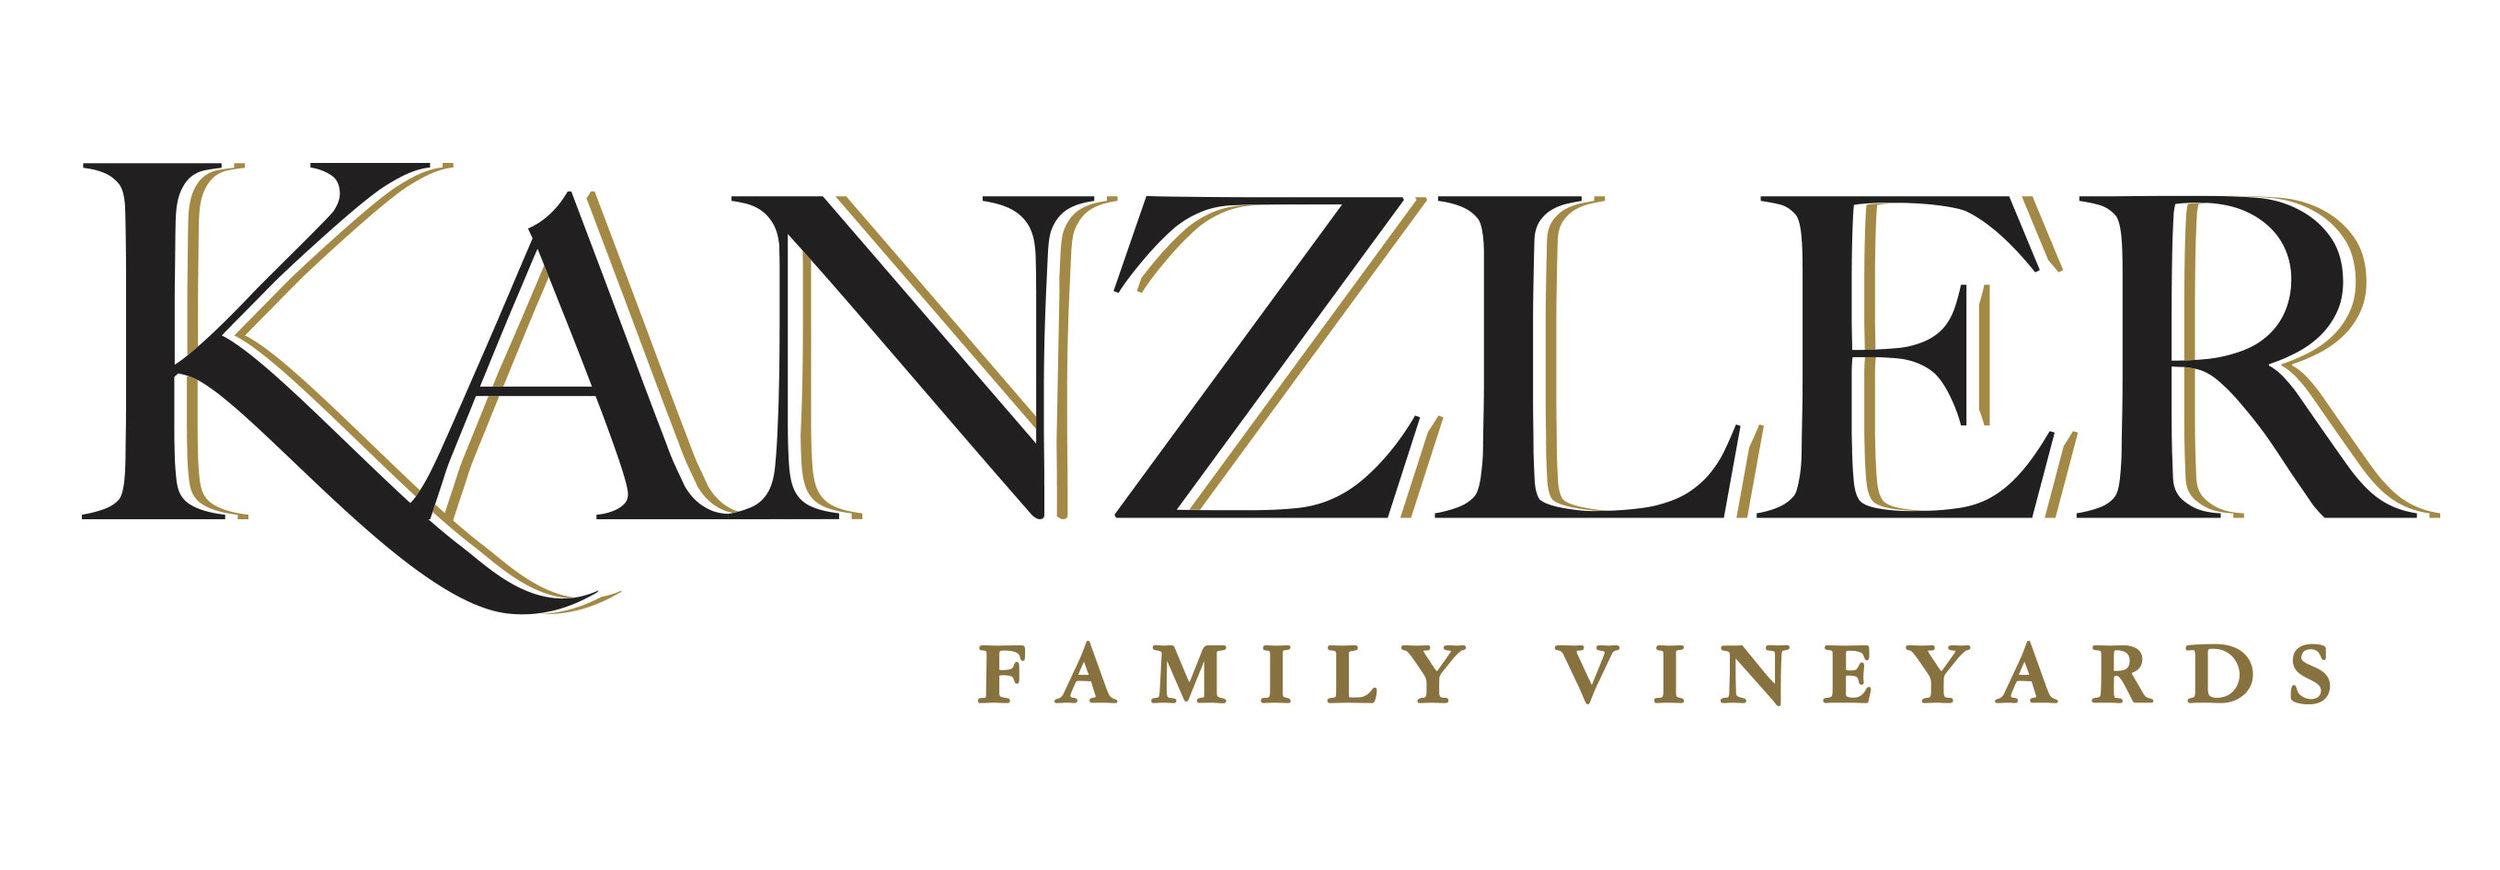 Kanzler_Logo_4C (2) (1).jpg